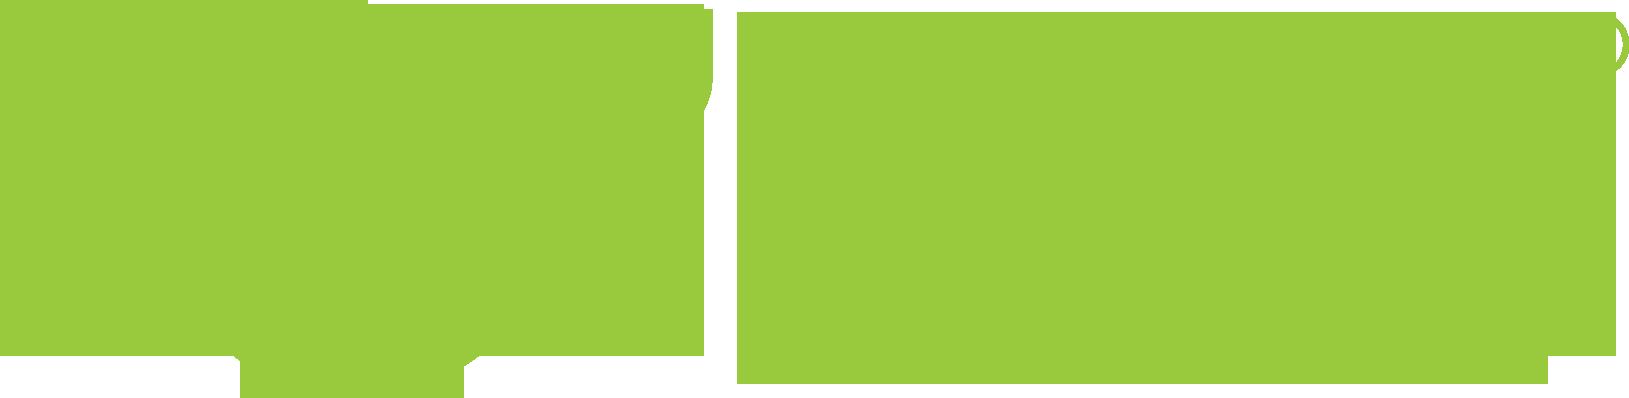 PRI_horizontal-GREEN-99CA3D.png